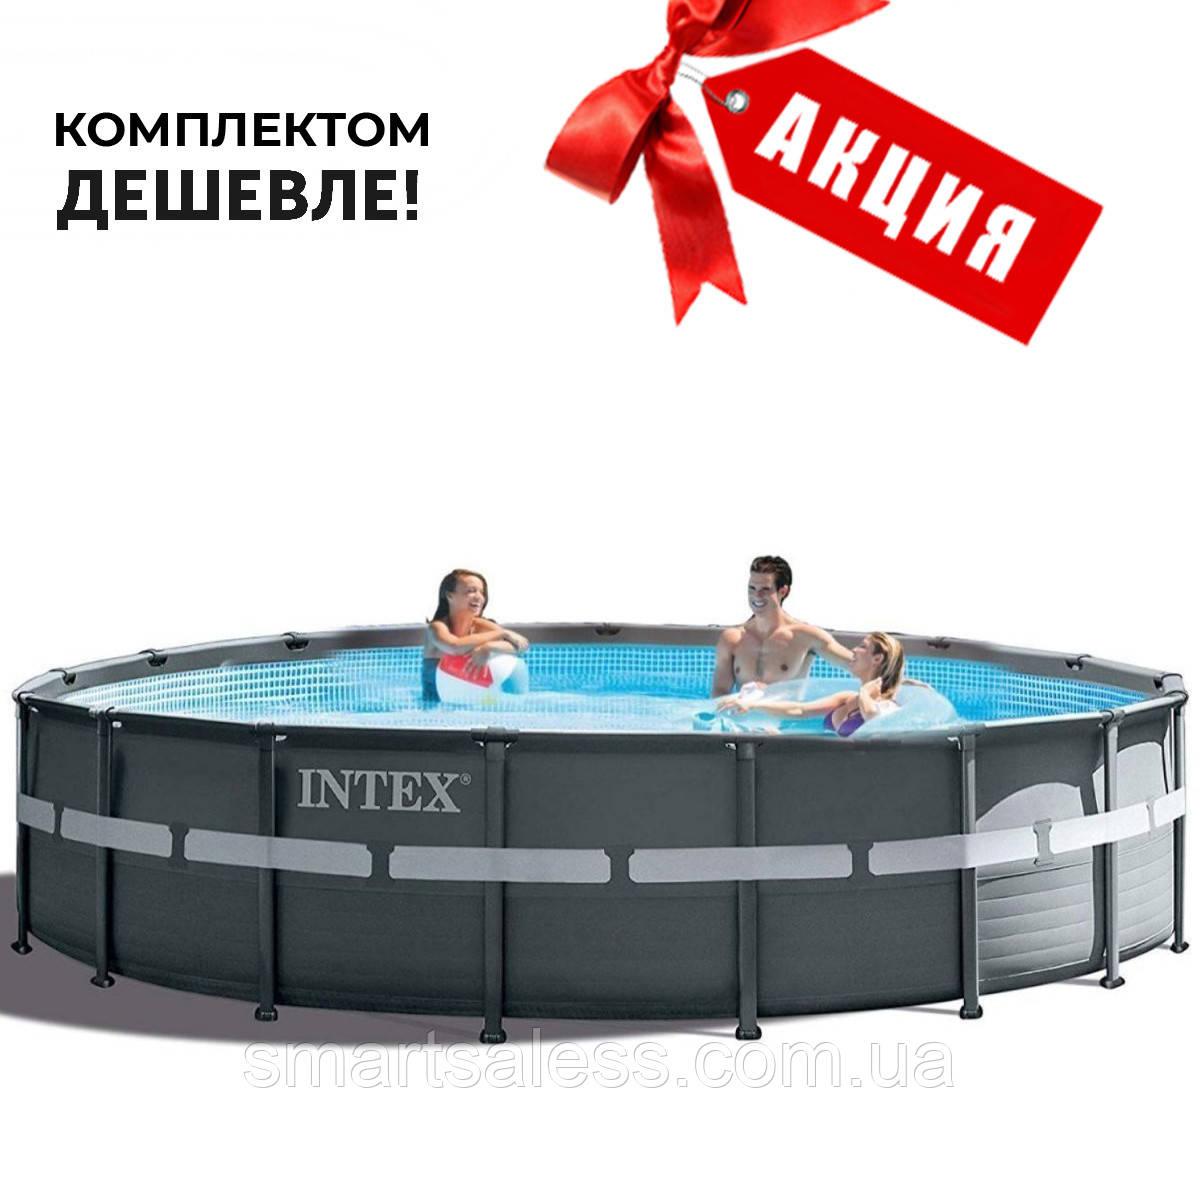 Каркасный бассейн Intex круглый, 610 х 122 см, чаша+каркас